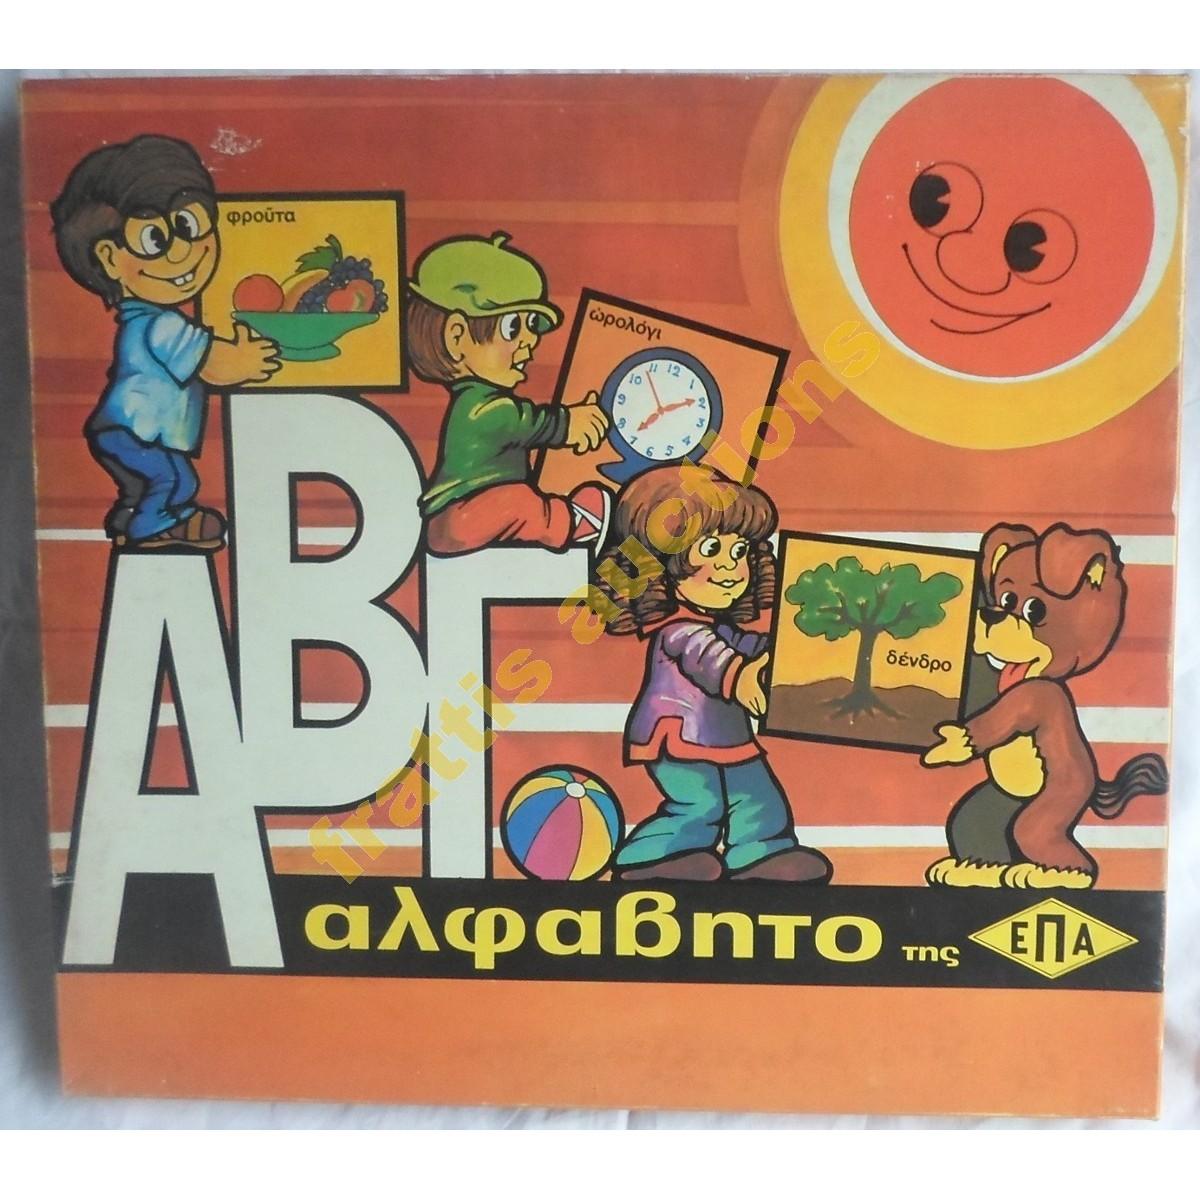 Επιτραπέζιο ΑΒΓ αλφαβητο της ΕΠΑ.